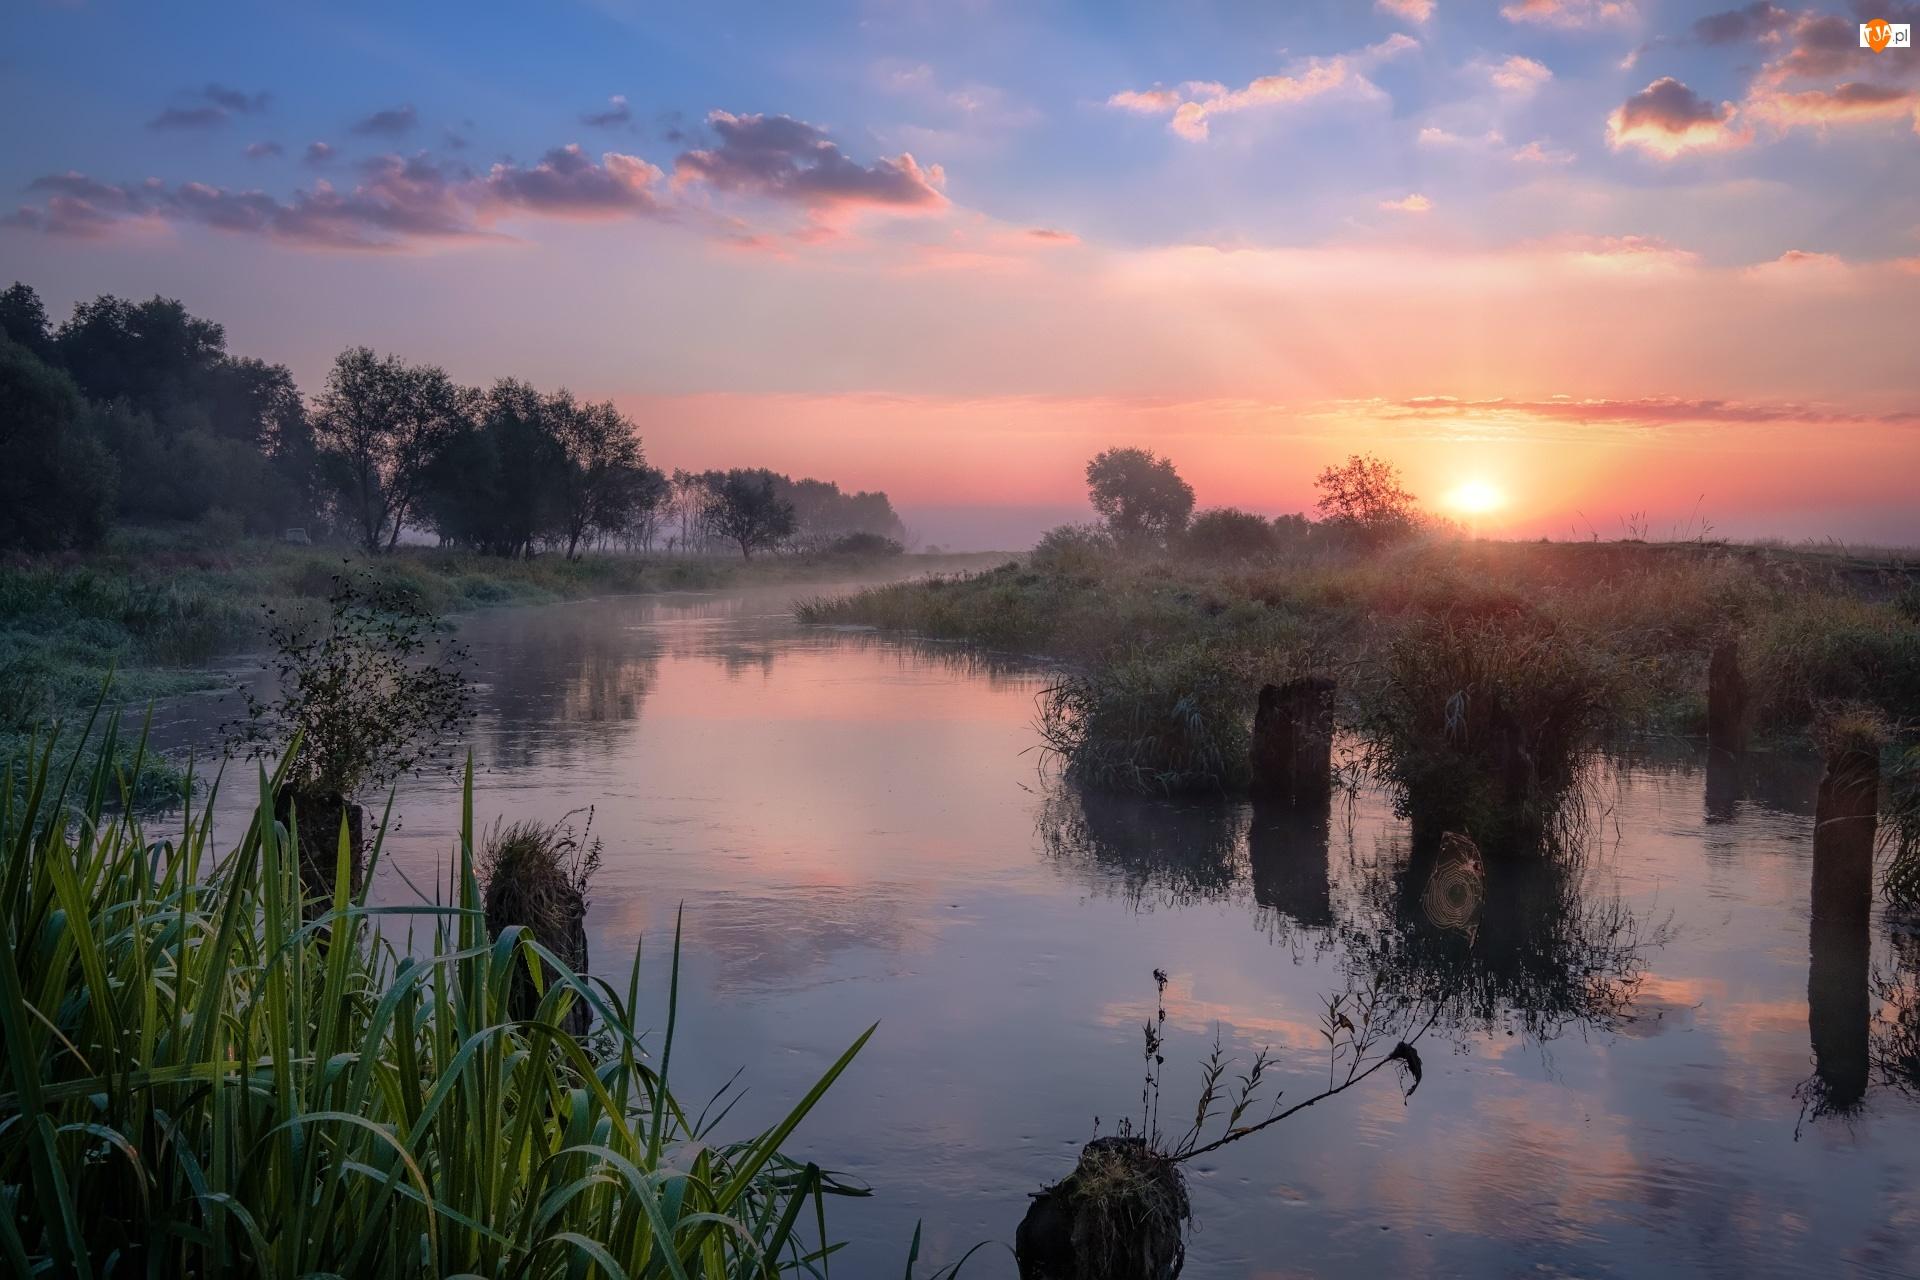 Rosja, Drzewa, Obwód włodzimierski, Mgła, Wschód słońca, Trawa, Drewniane, Rzeka Sherna, Kołki